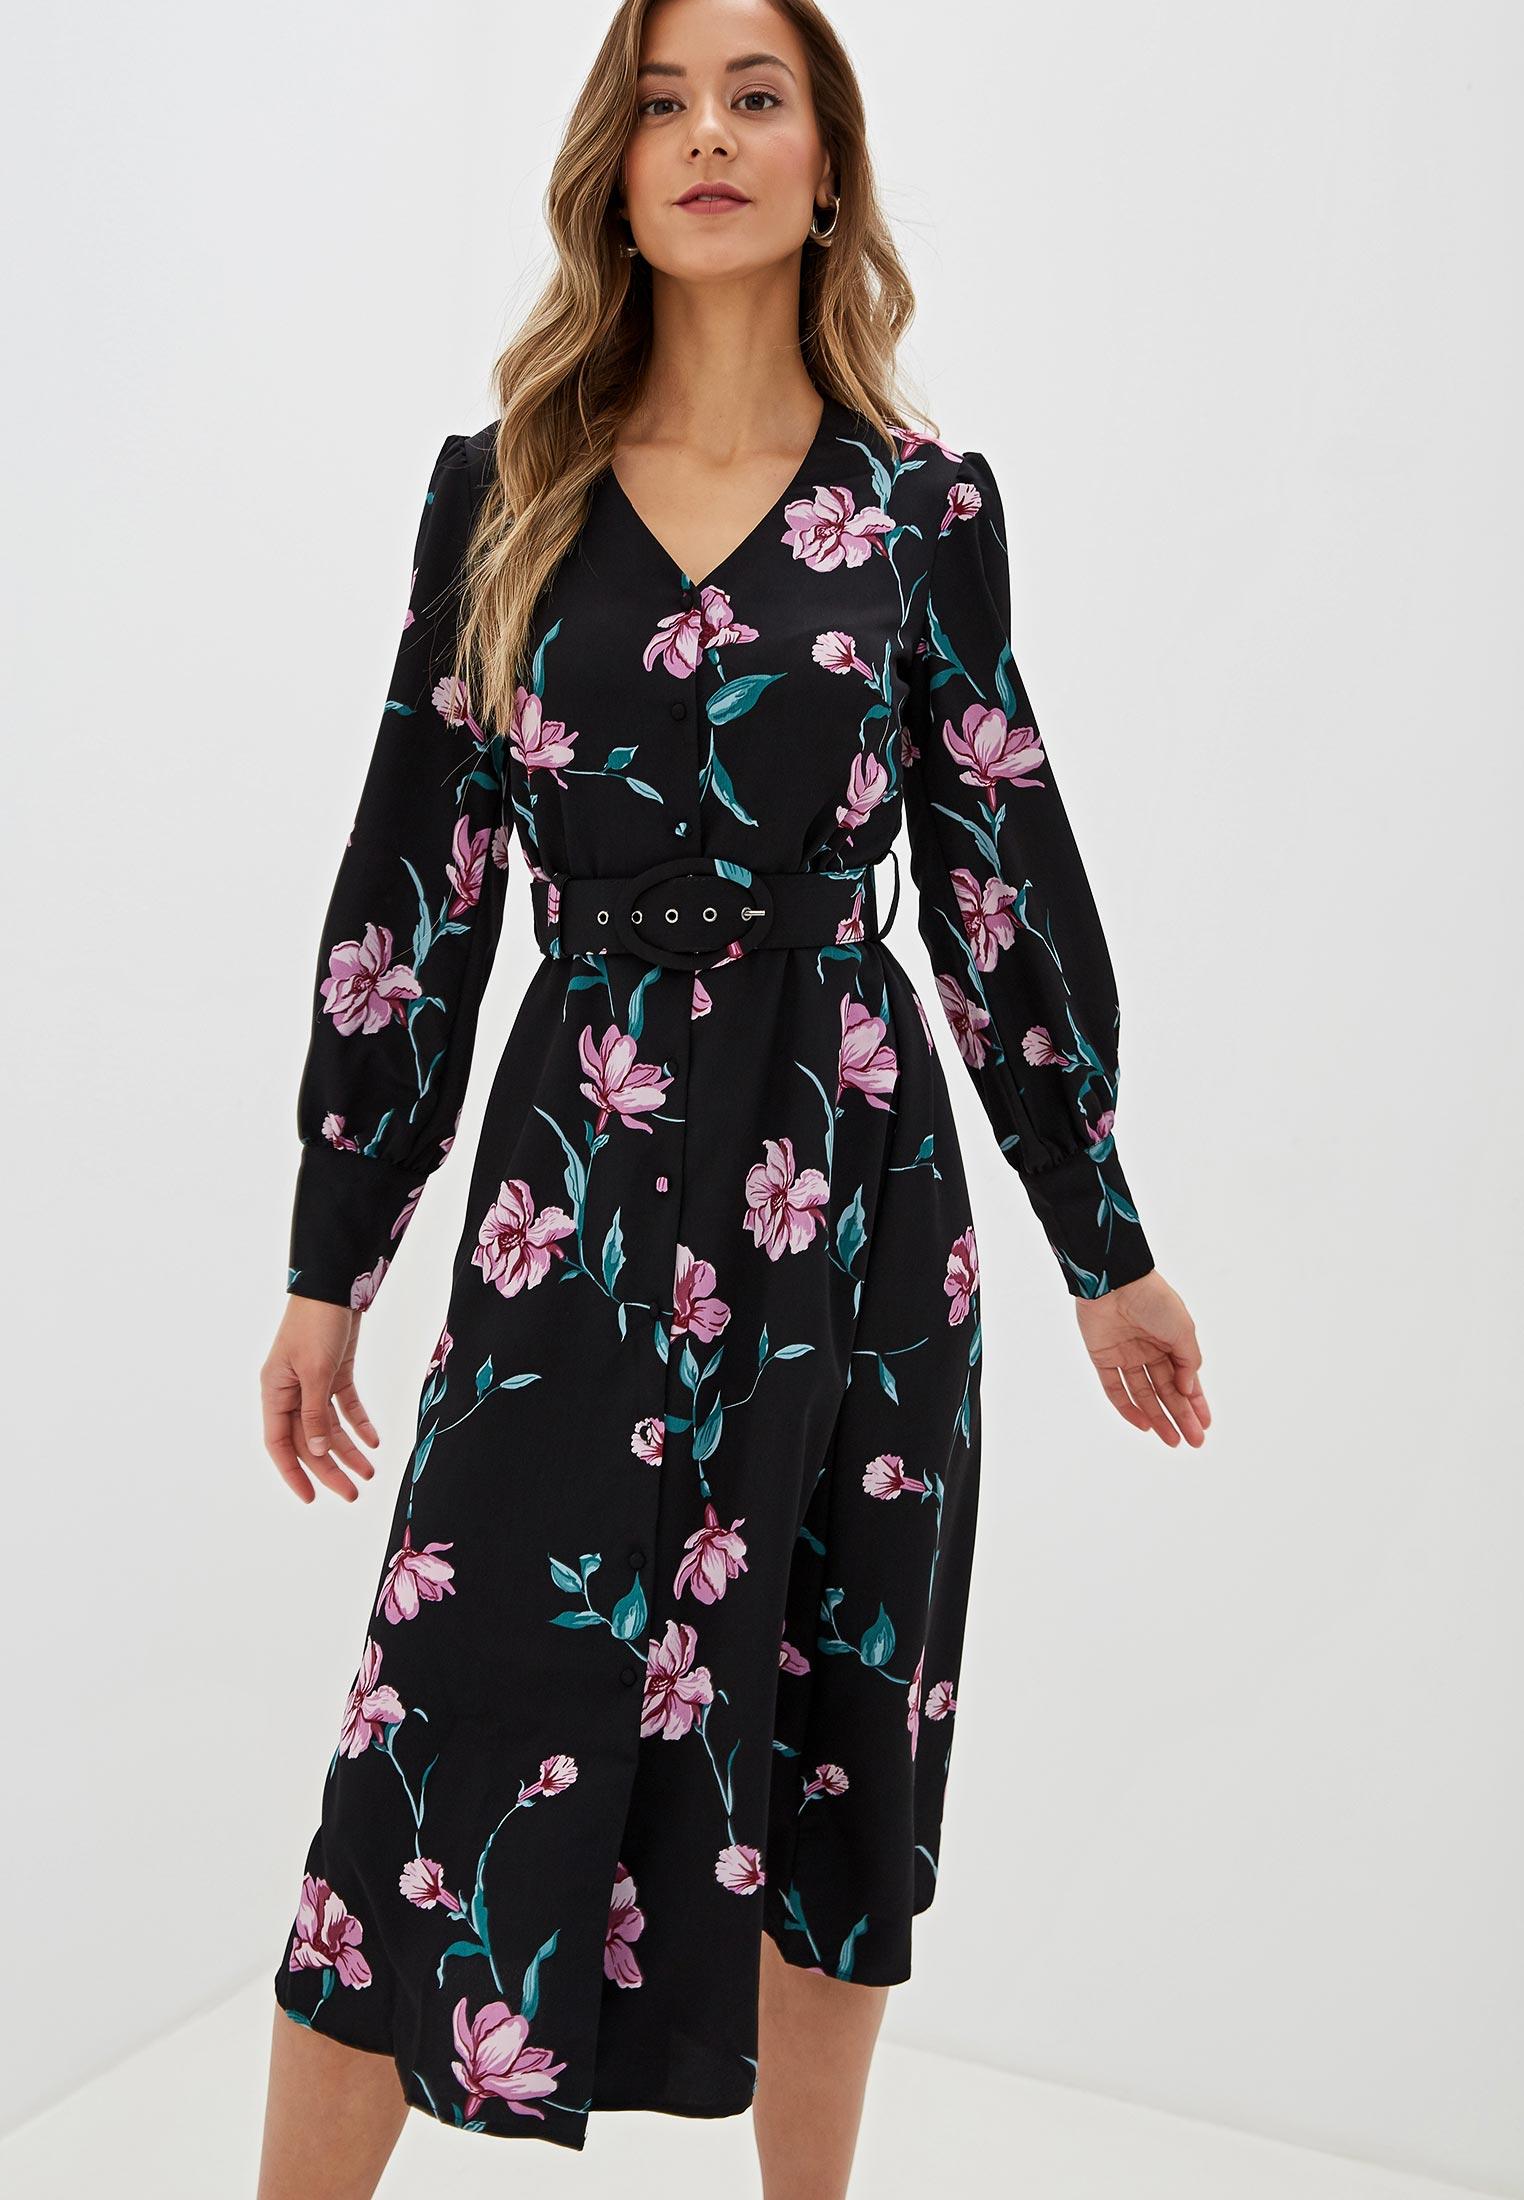 Zara Каталог Женской Одежды Платья